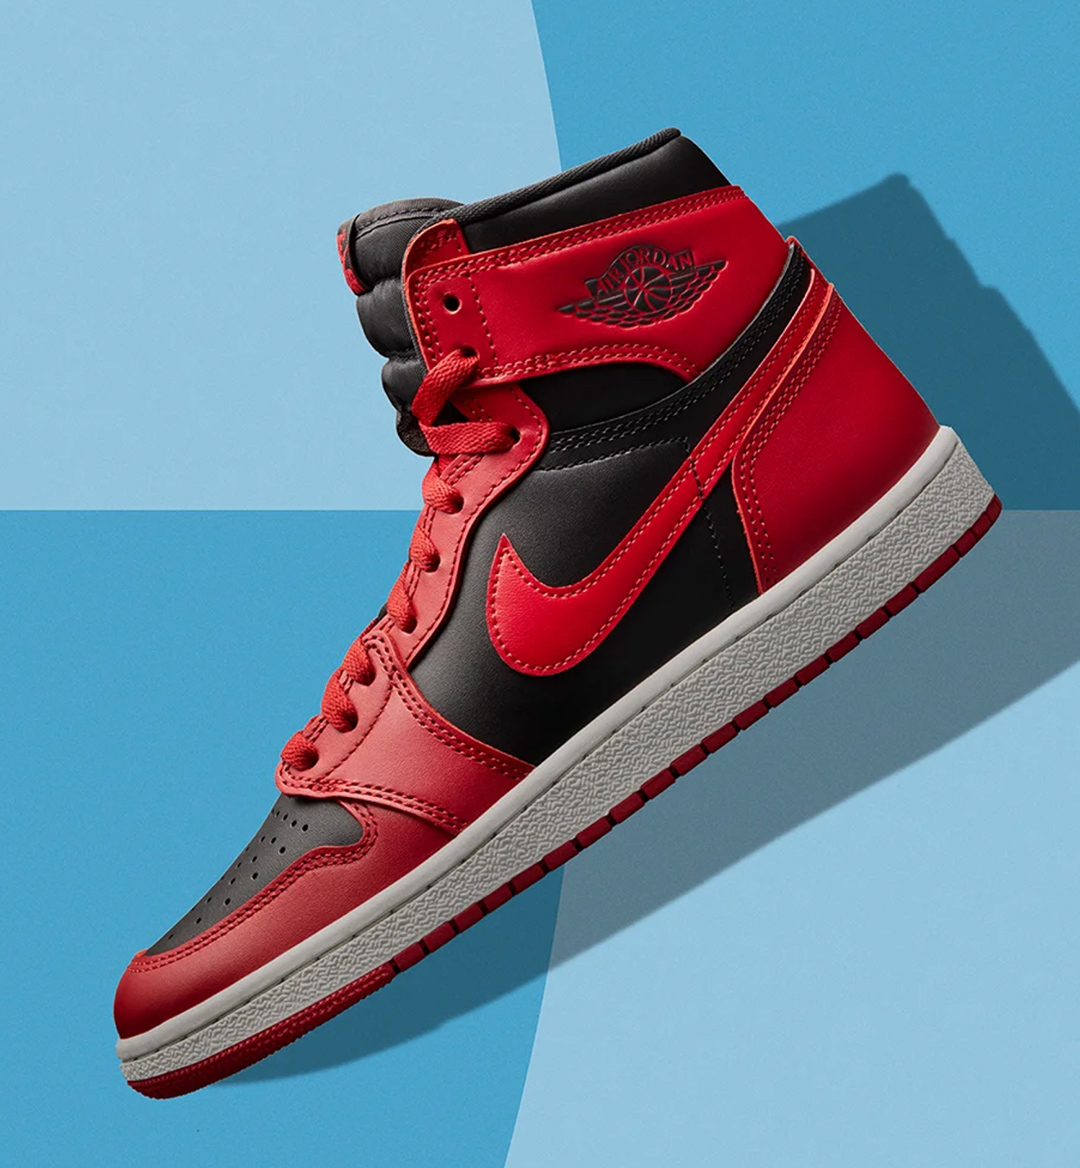 sneaker drops air jordan 1 hi 85 varsity red mobile